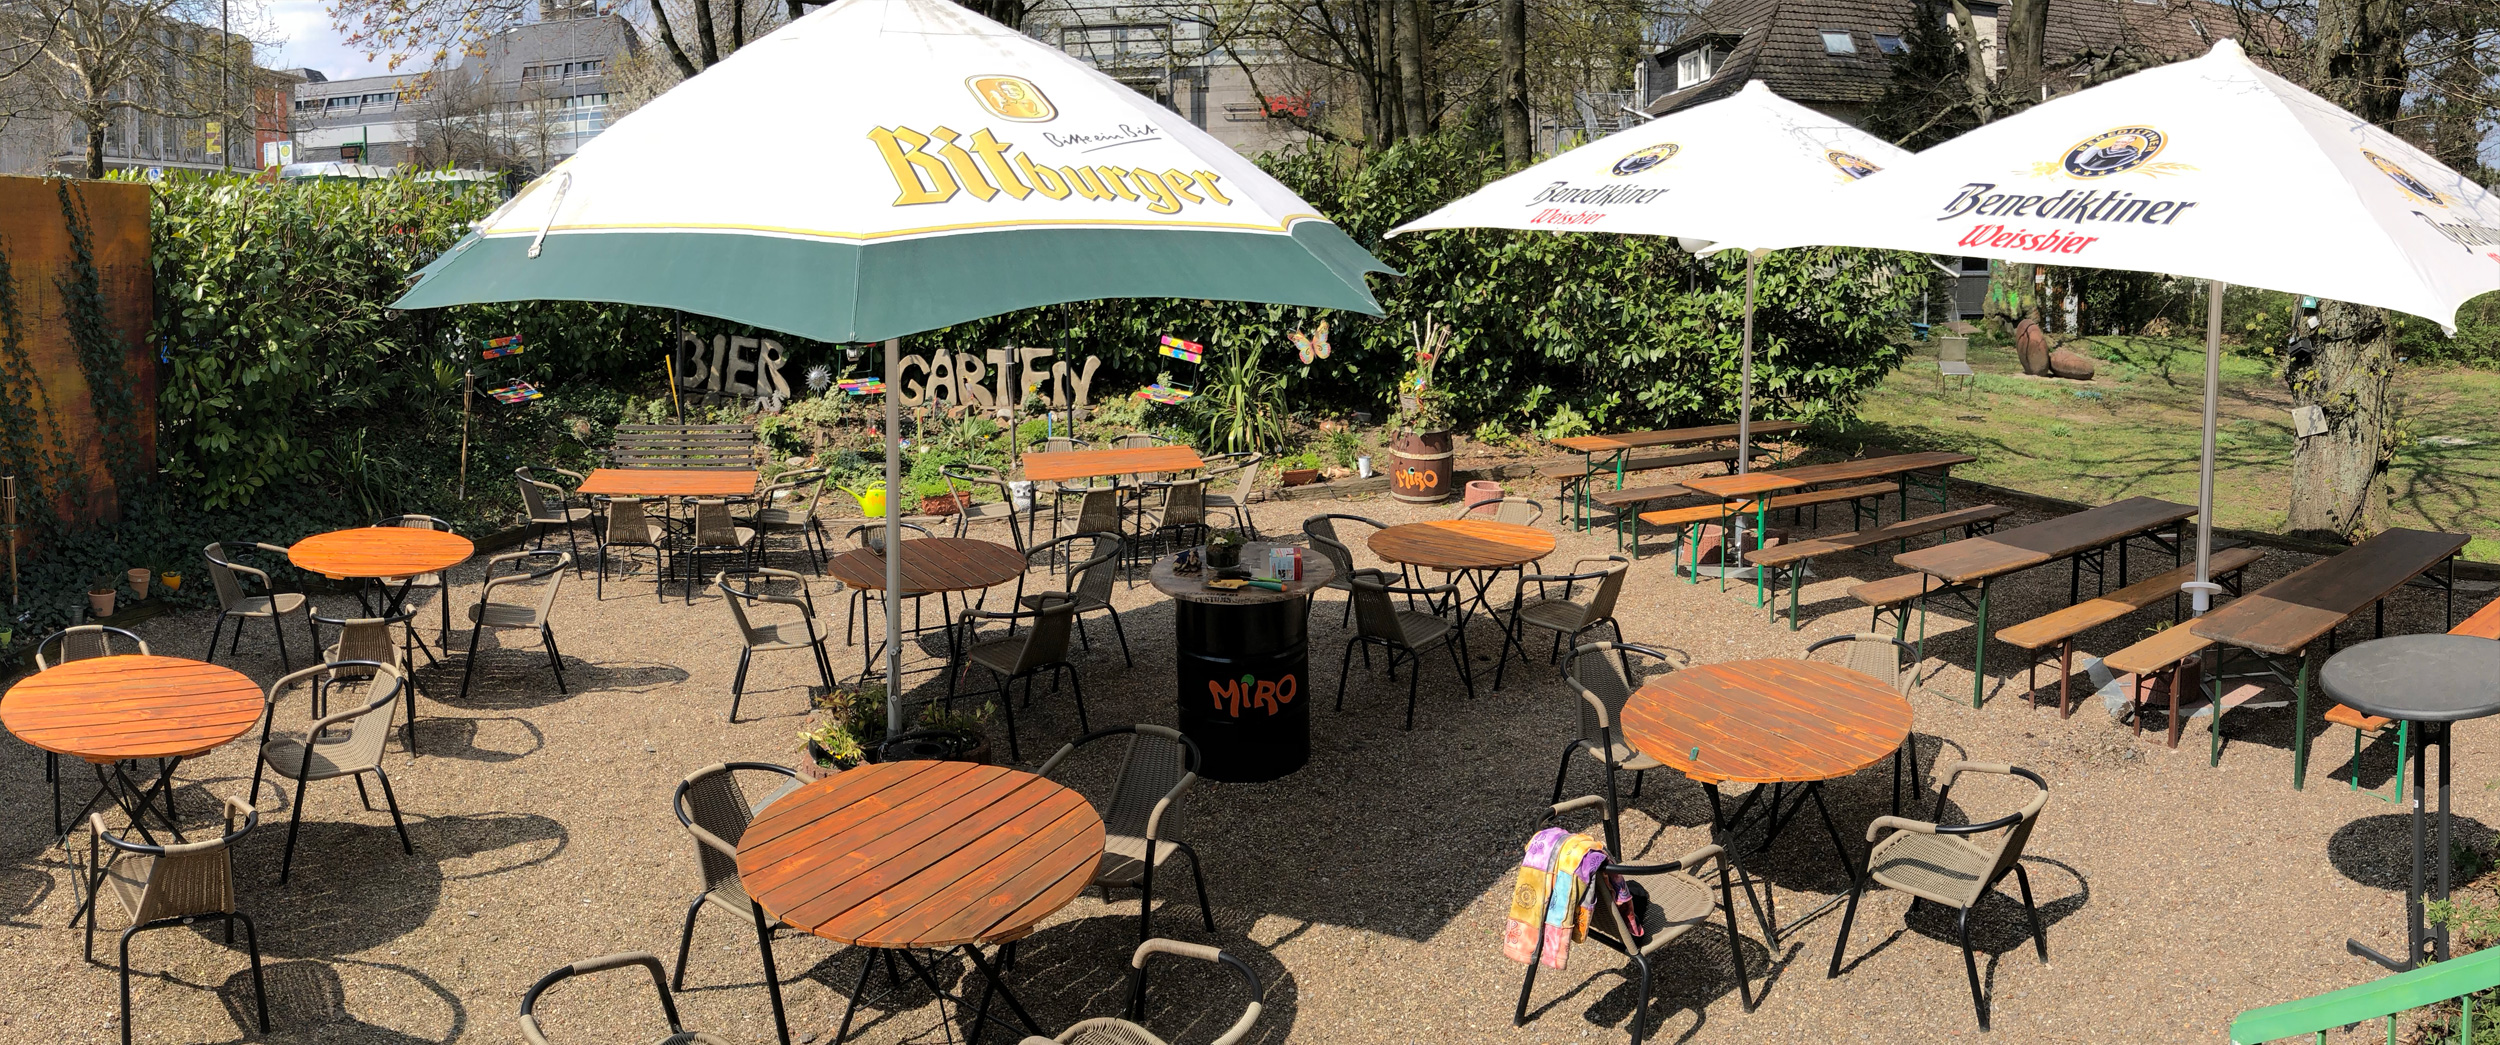 Der grünste Biergarten in Remscheid